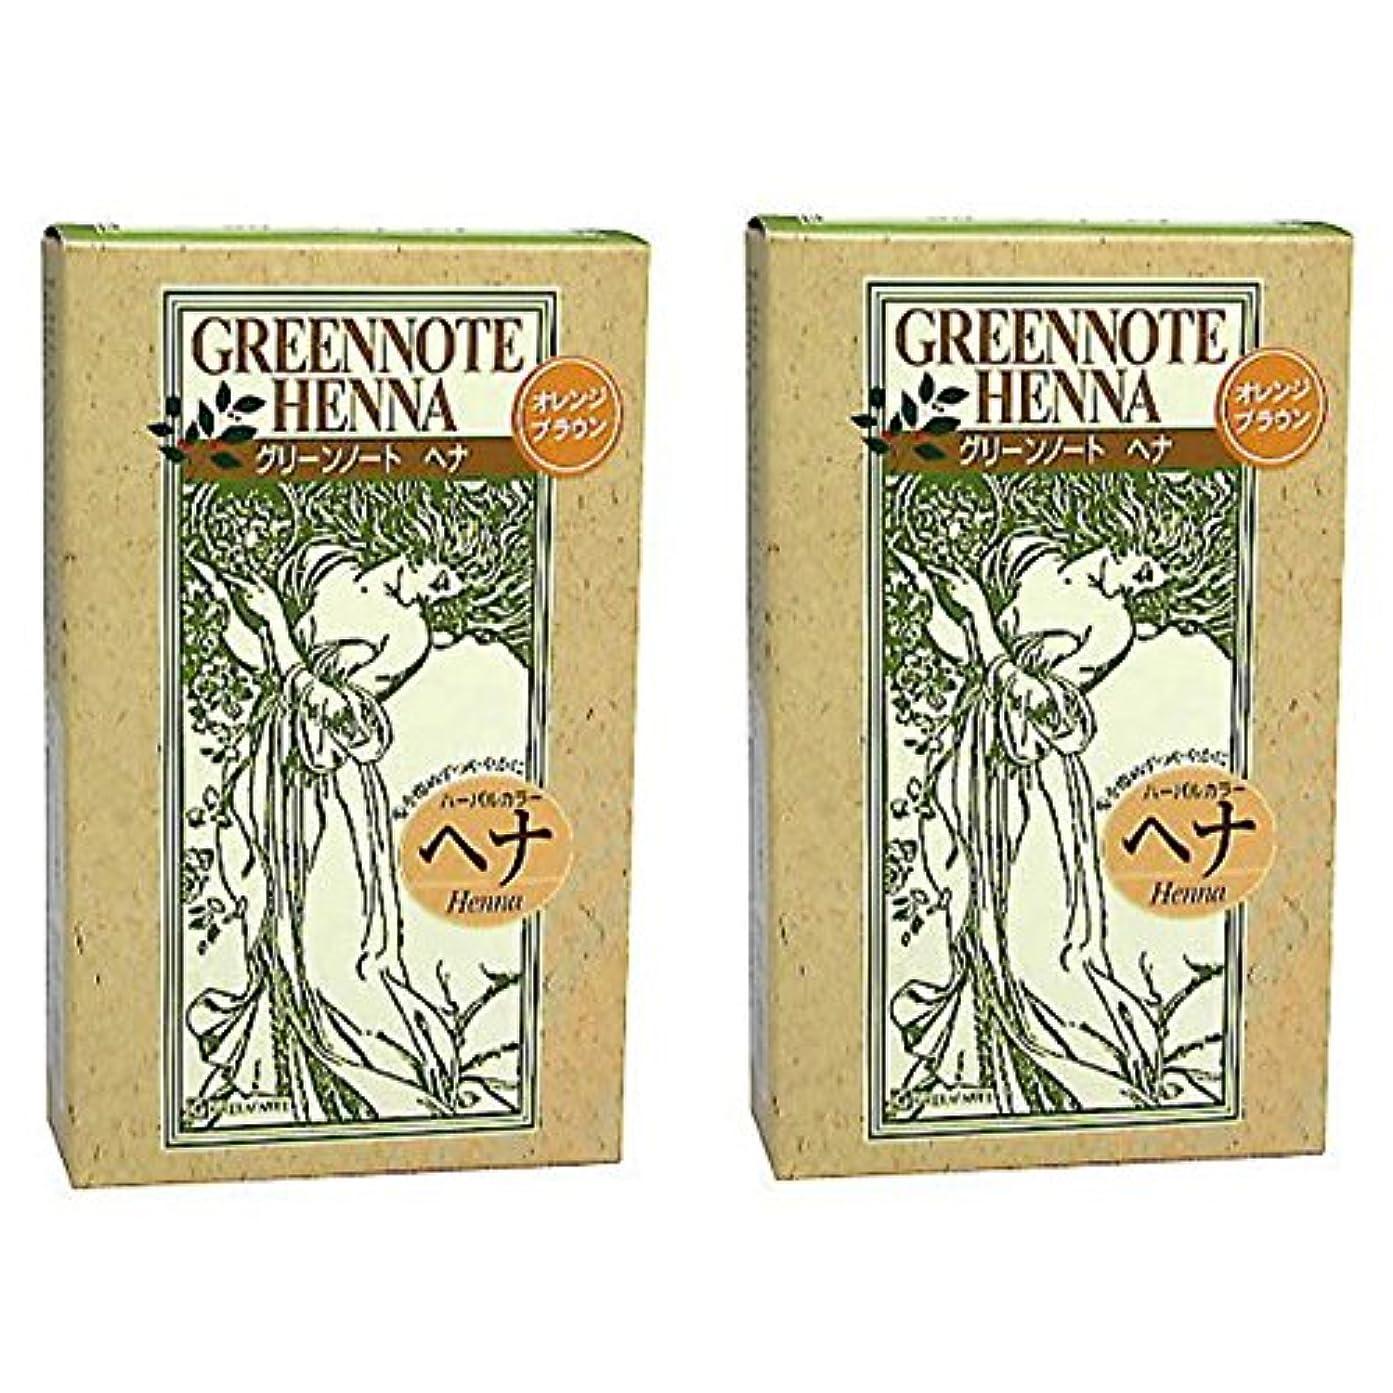 ミシン目誕生日毎年グリーンノートグリーンノートヘナ オレンジブラウン 2個セット